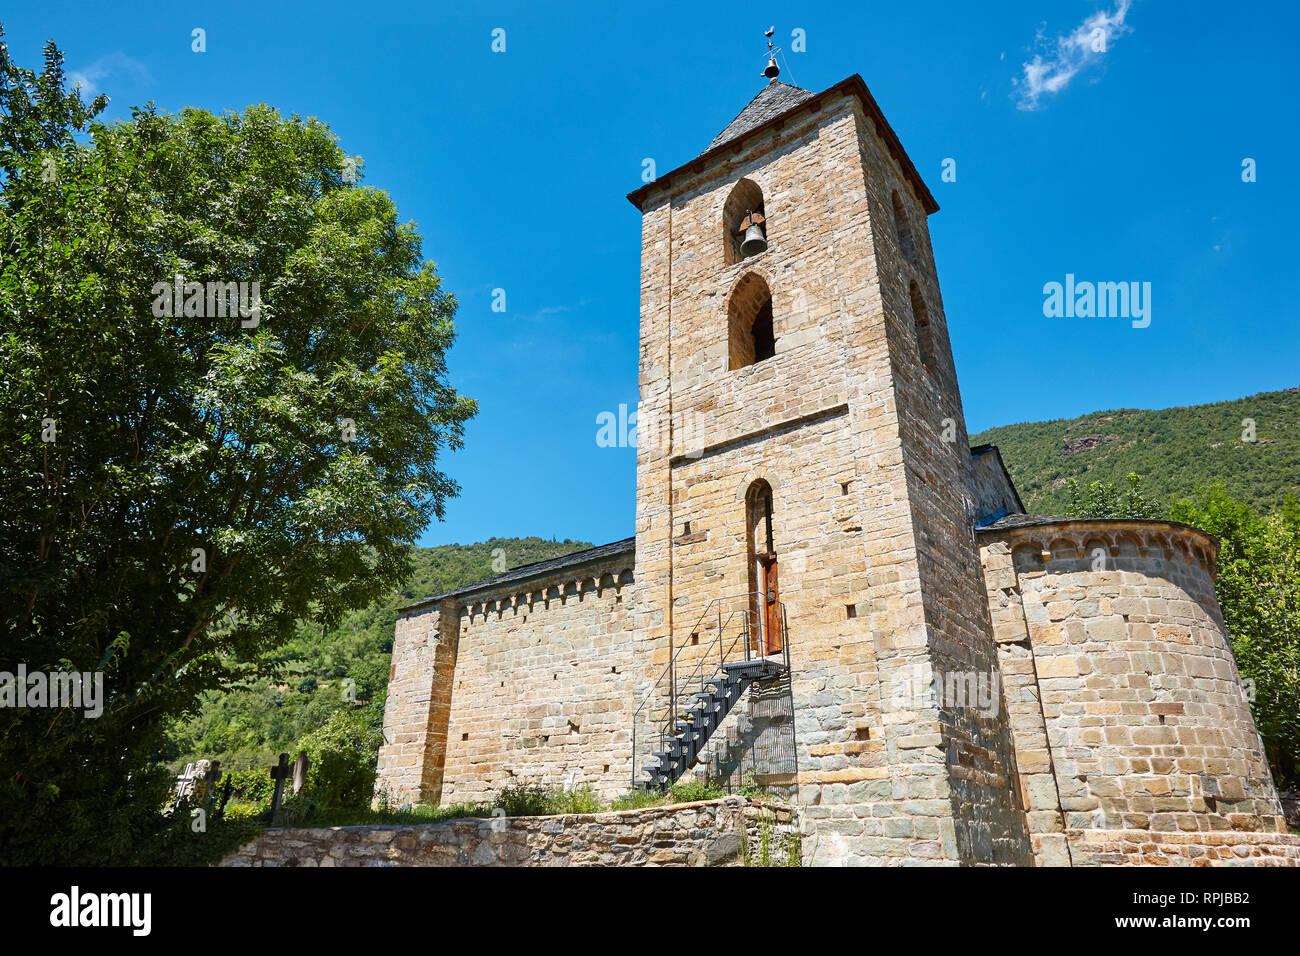 Spanish romanesque art. LAssumpcion de Coll church. Boi valley - Stock Image